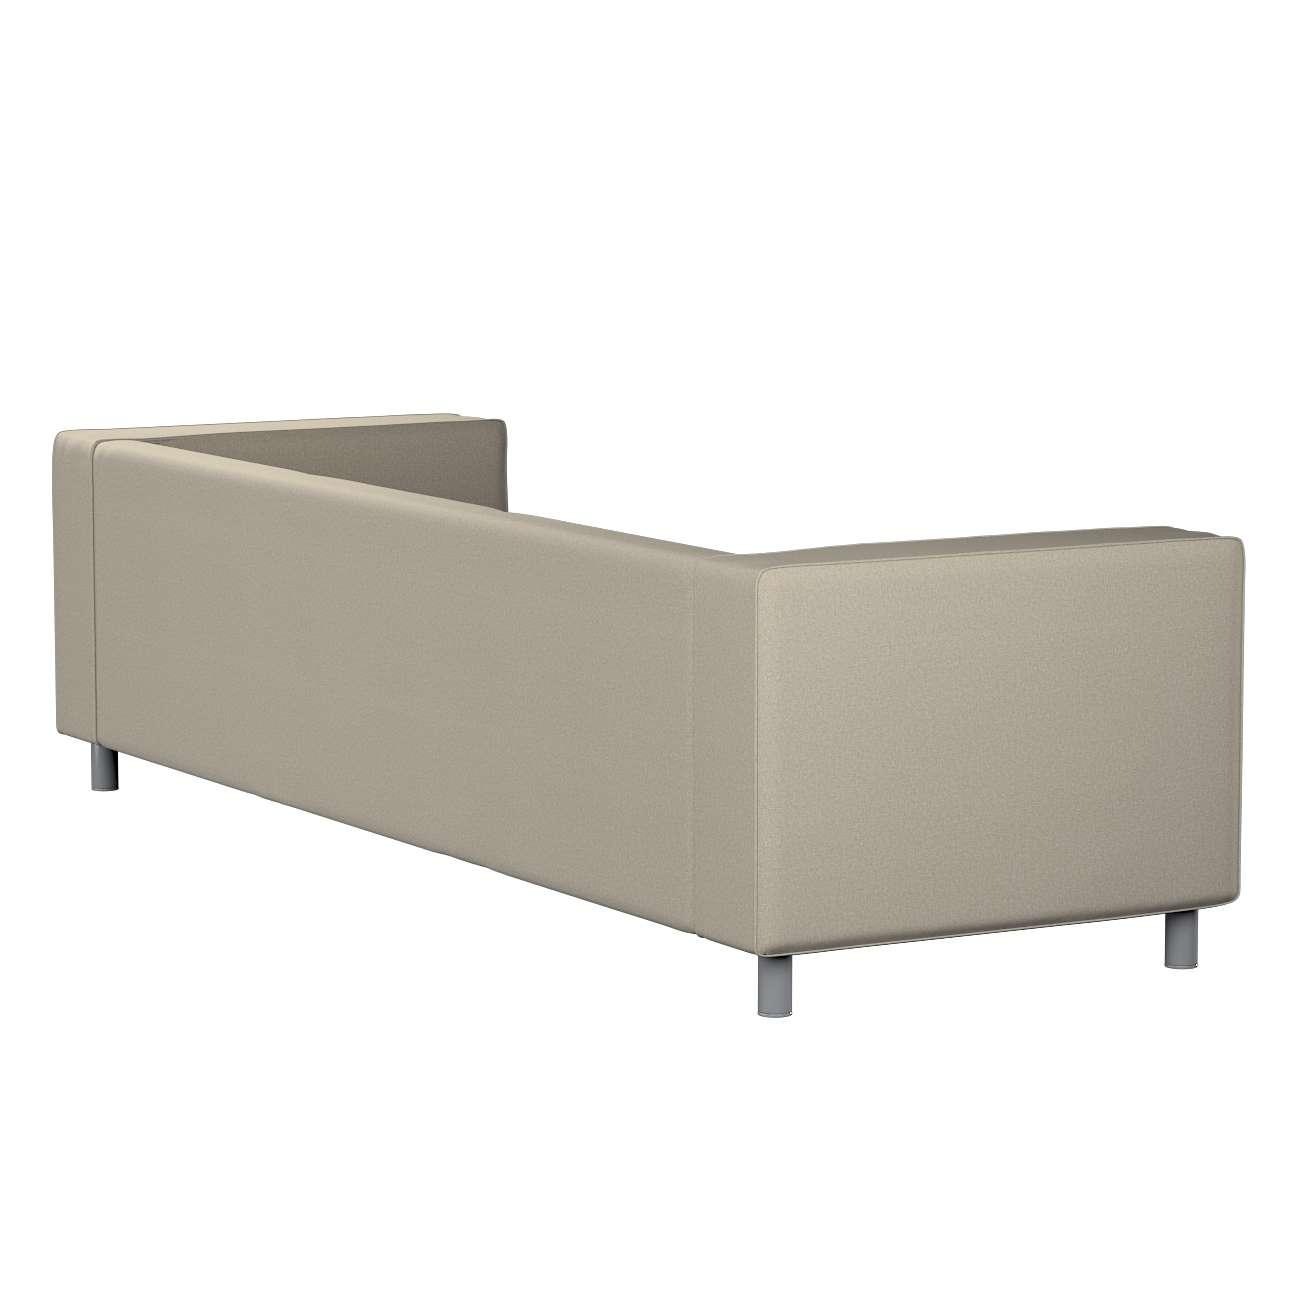 Pokrowiec na sofę Klippan 4-osobową w kolekcji Amsterdam, tkanina: 704-52